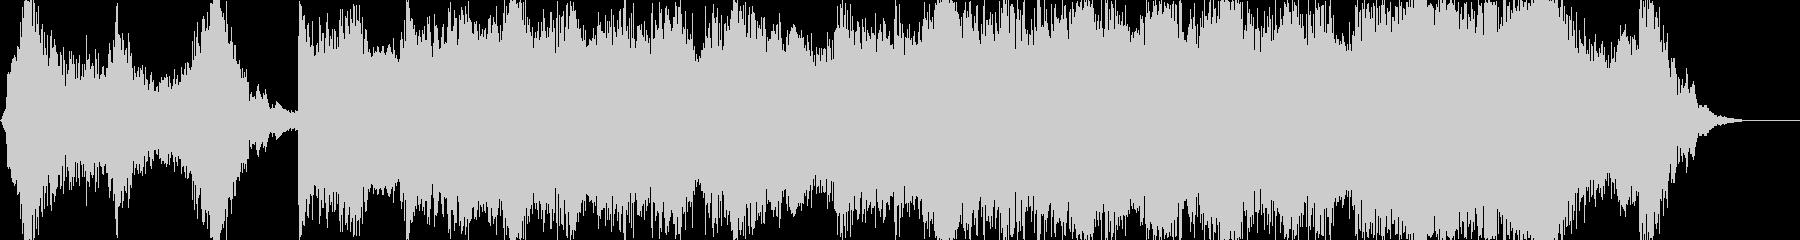 ハリウッド風トレイラー リズム主体01の未再生の波形